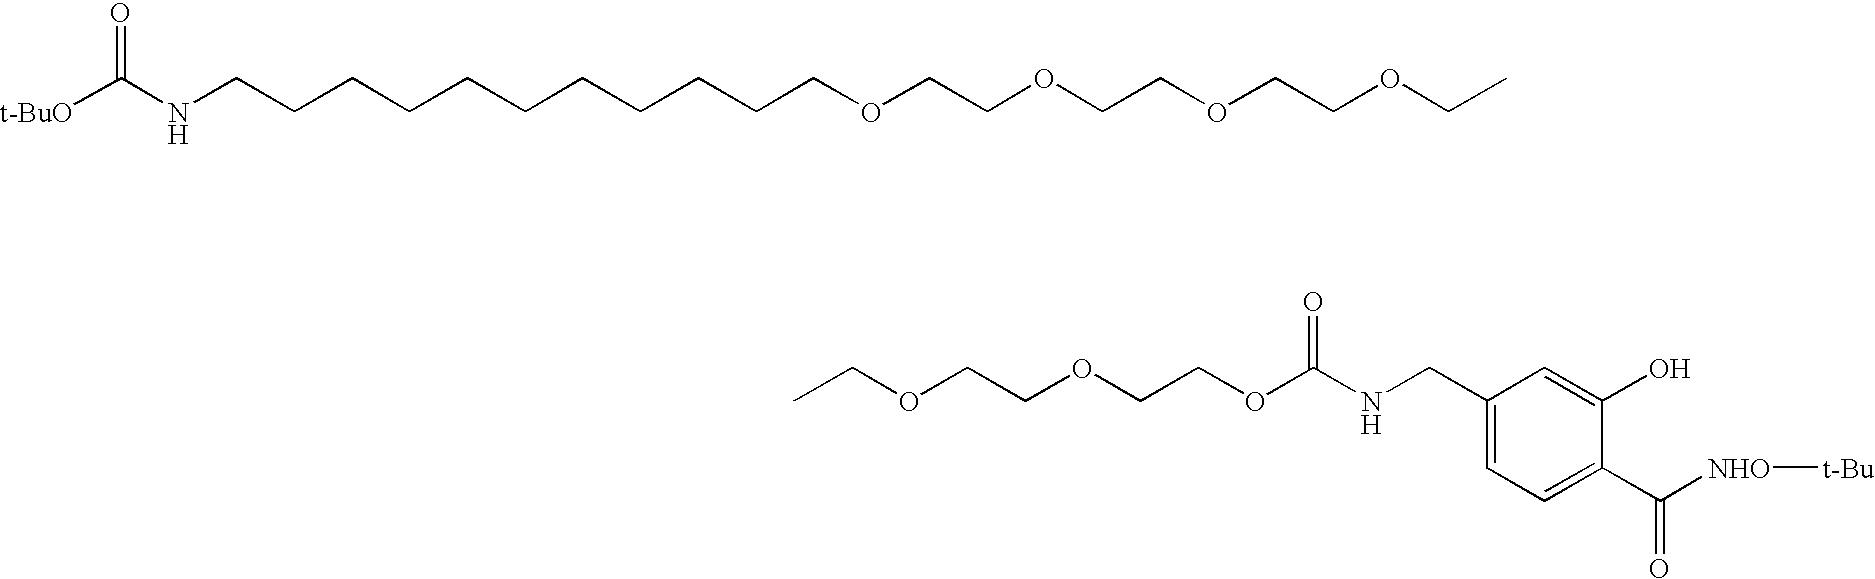 Figure US07179659-20070220-C00029